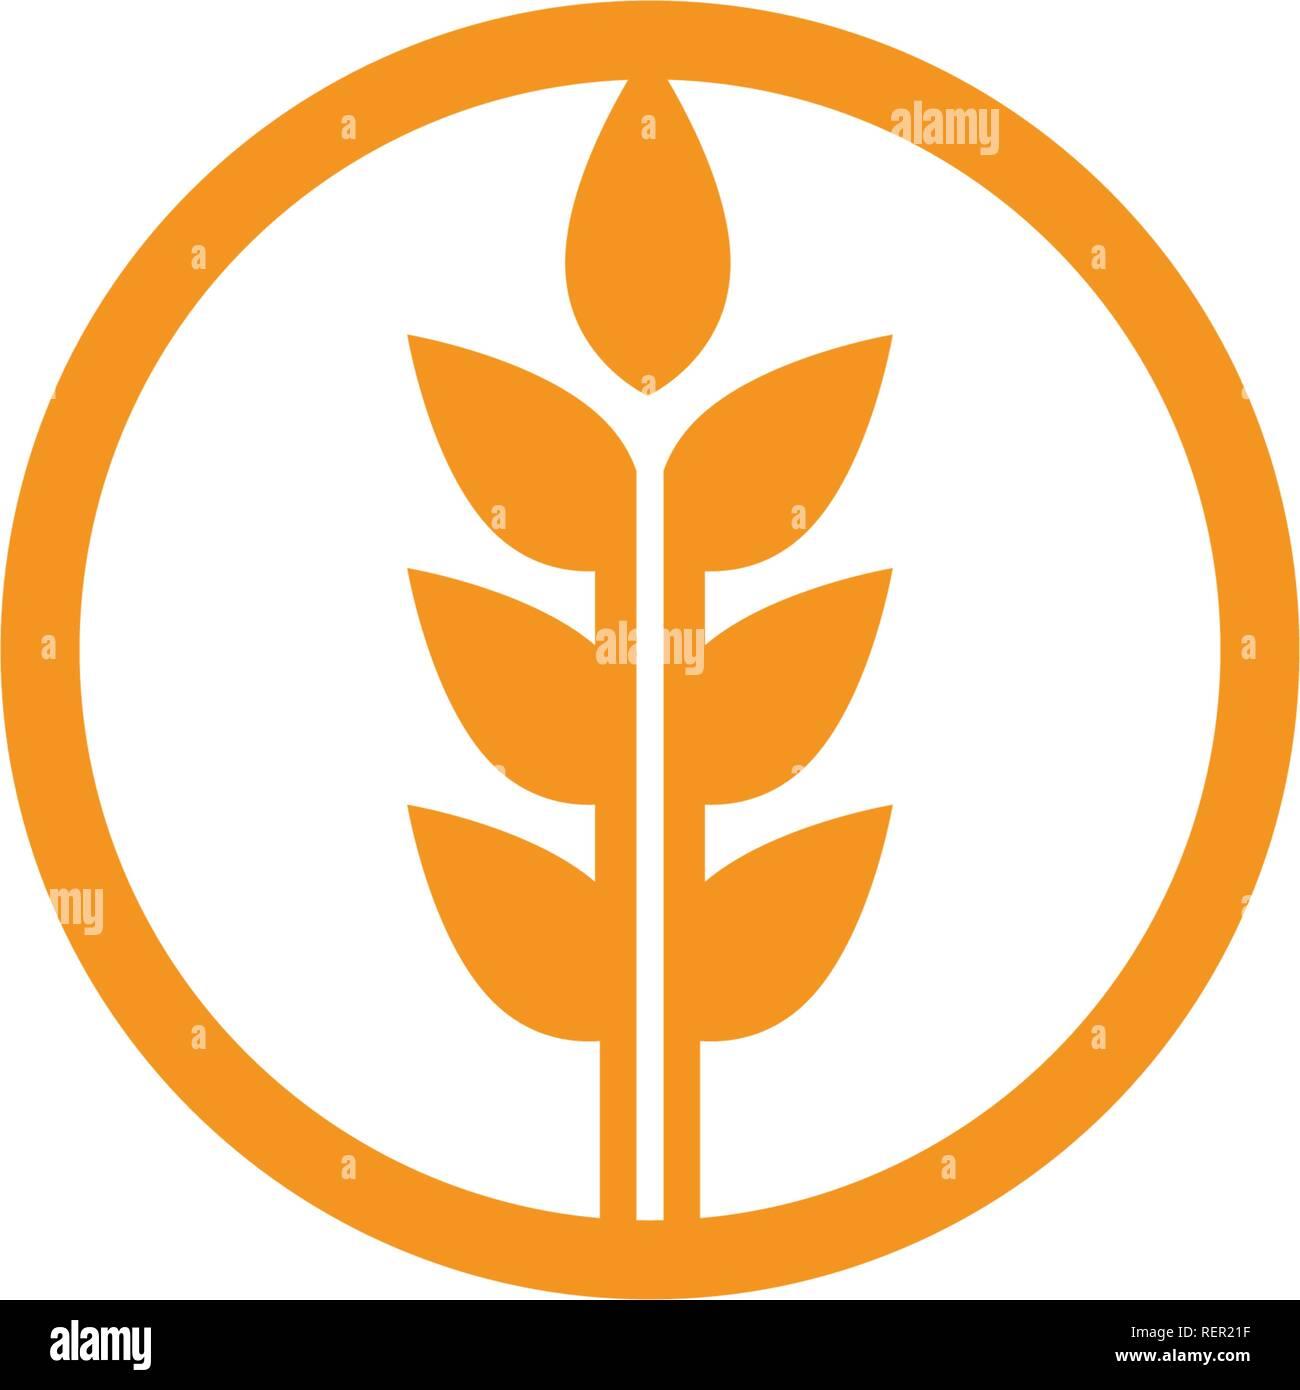 Agriculture wheat Logo Template,healthy life logo vector icon design - Stock Vector